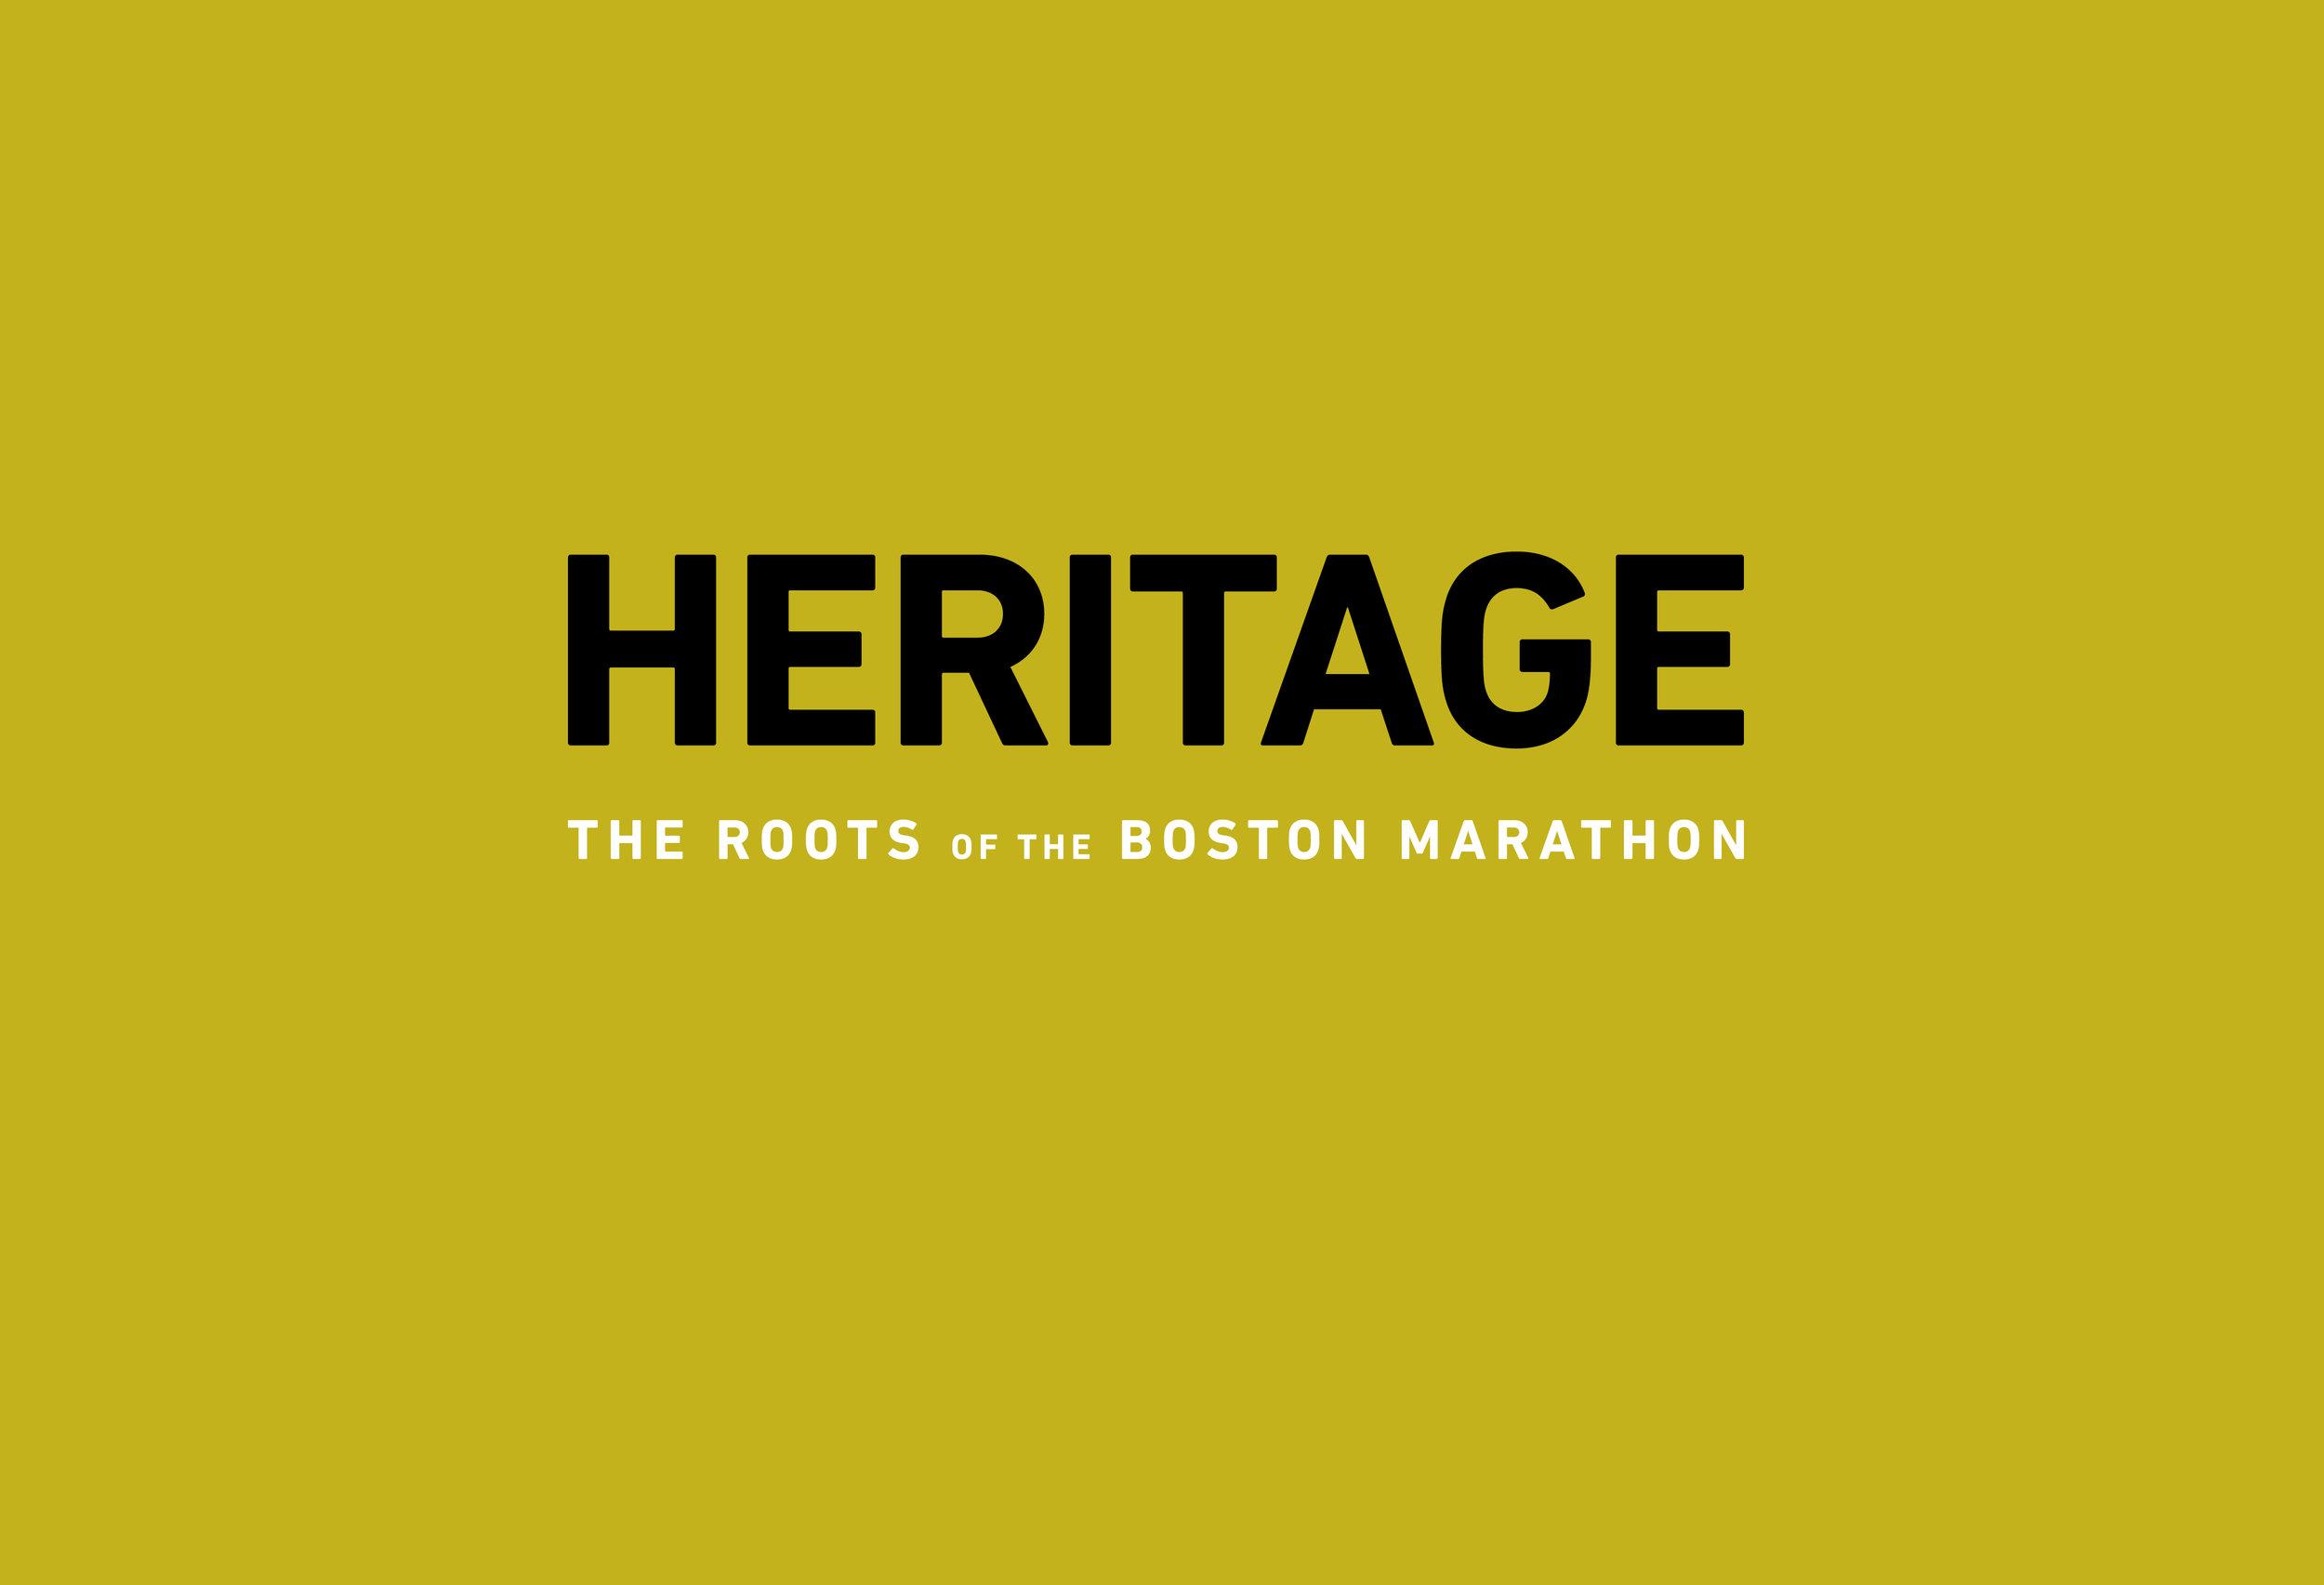 Heritage_01.jpg